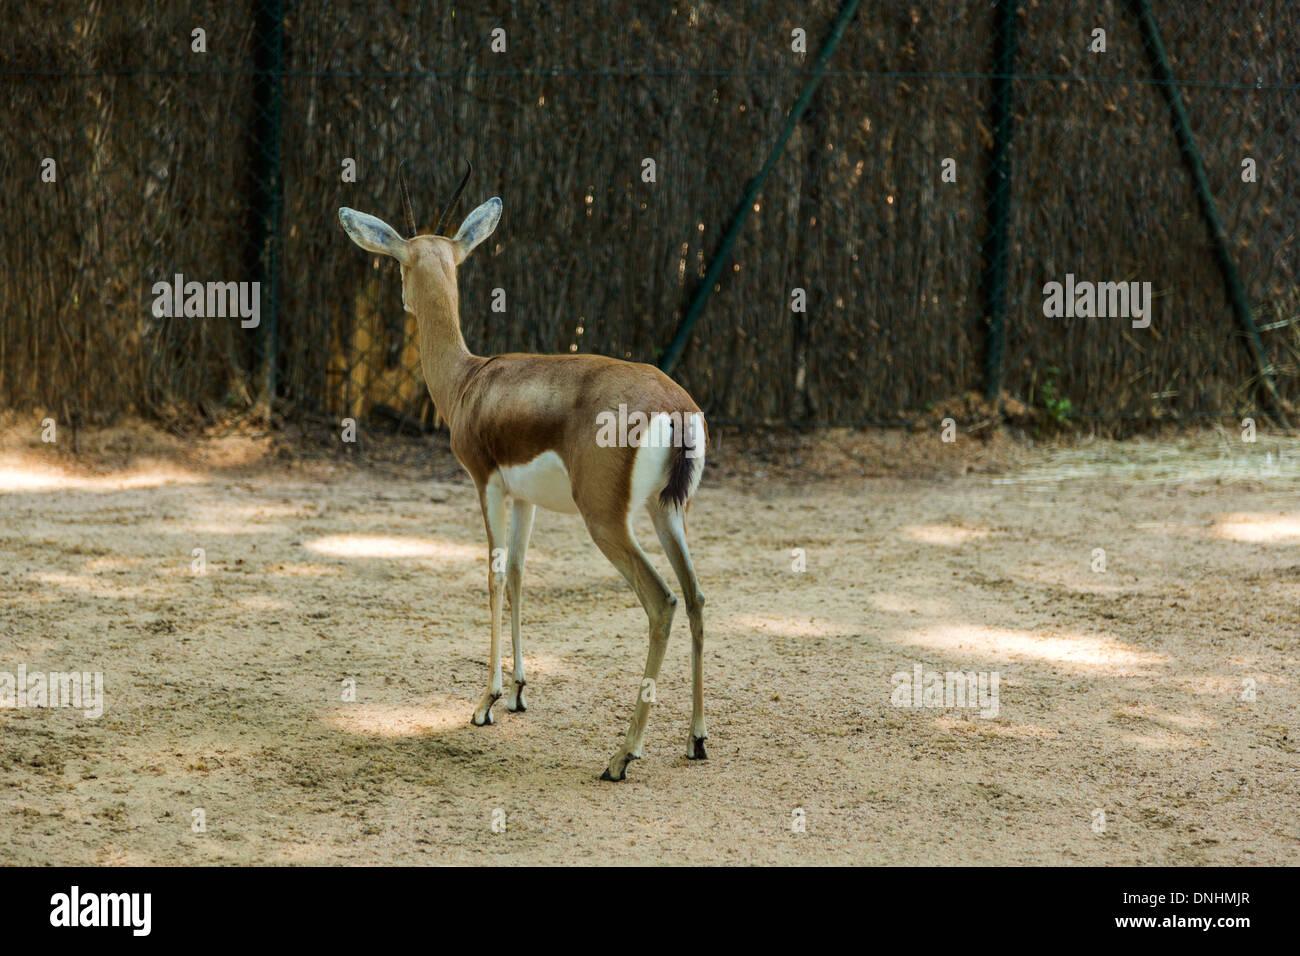 Gazelle dans un zoo, le Zoo de Barcelone, Barcelone, Catalogne, Espagne Banque D'Images